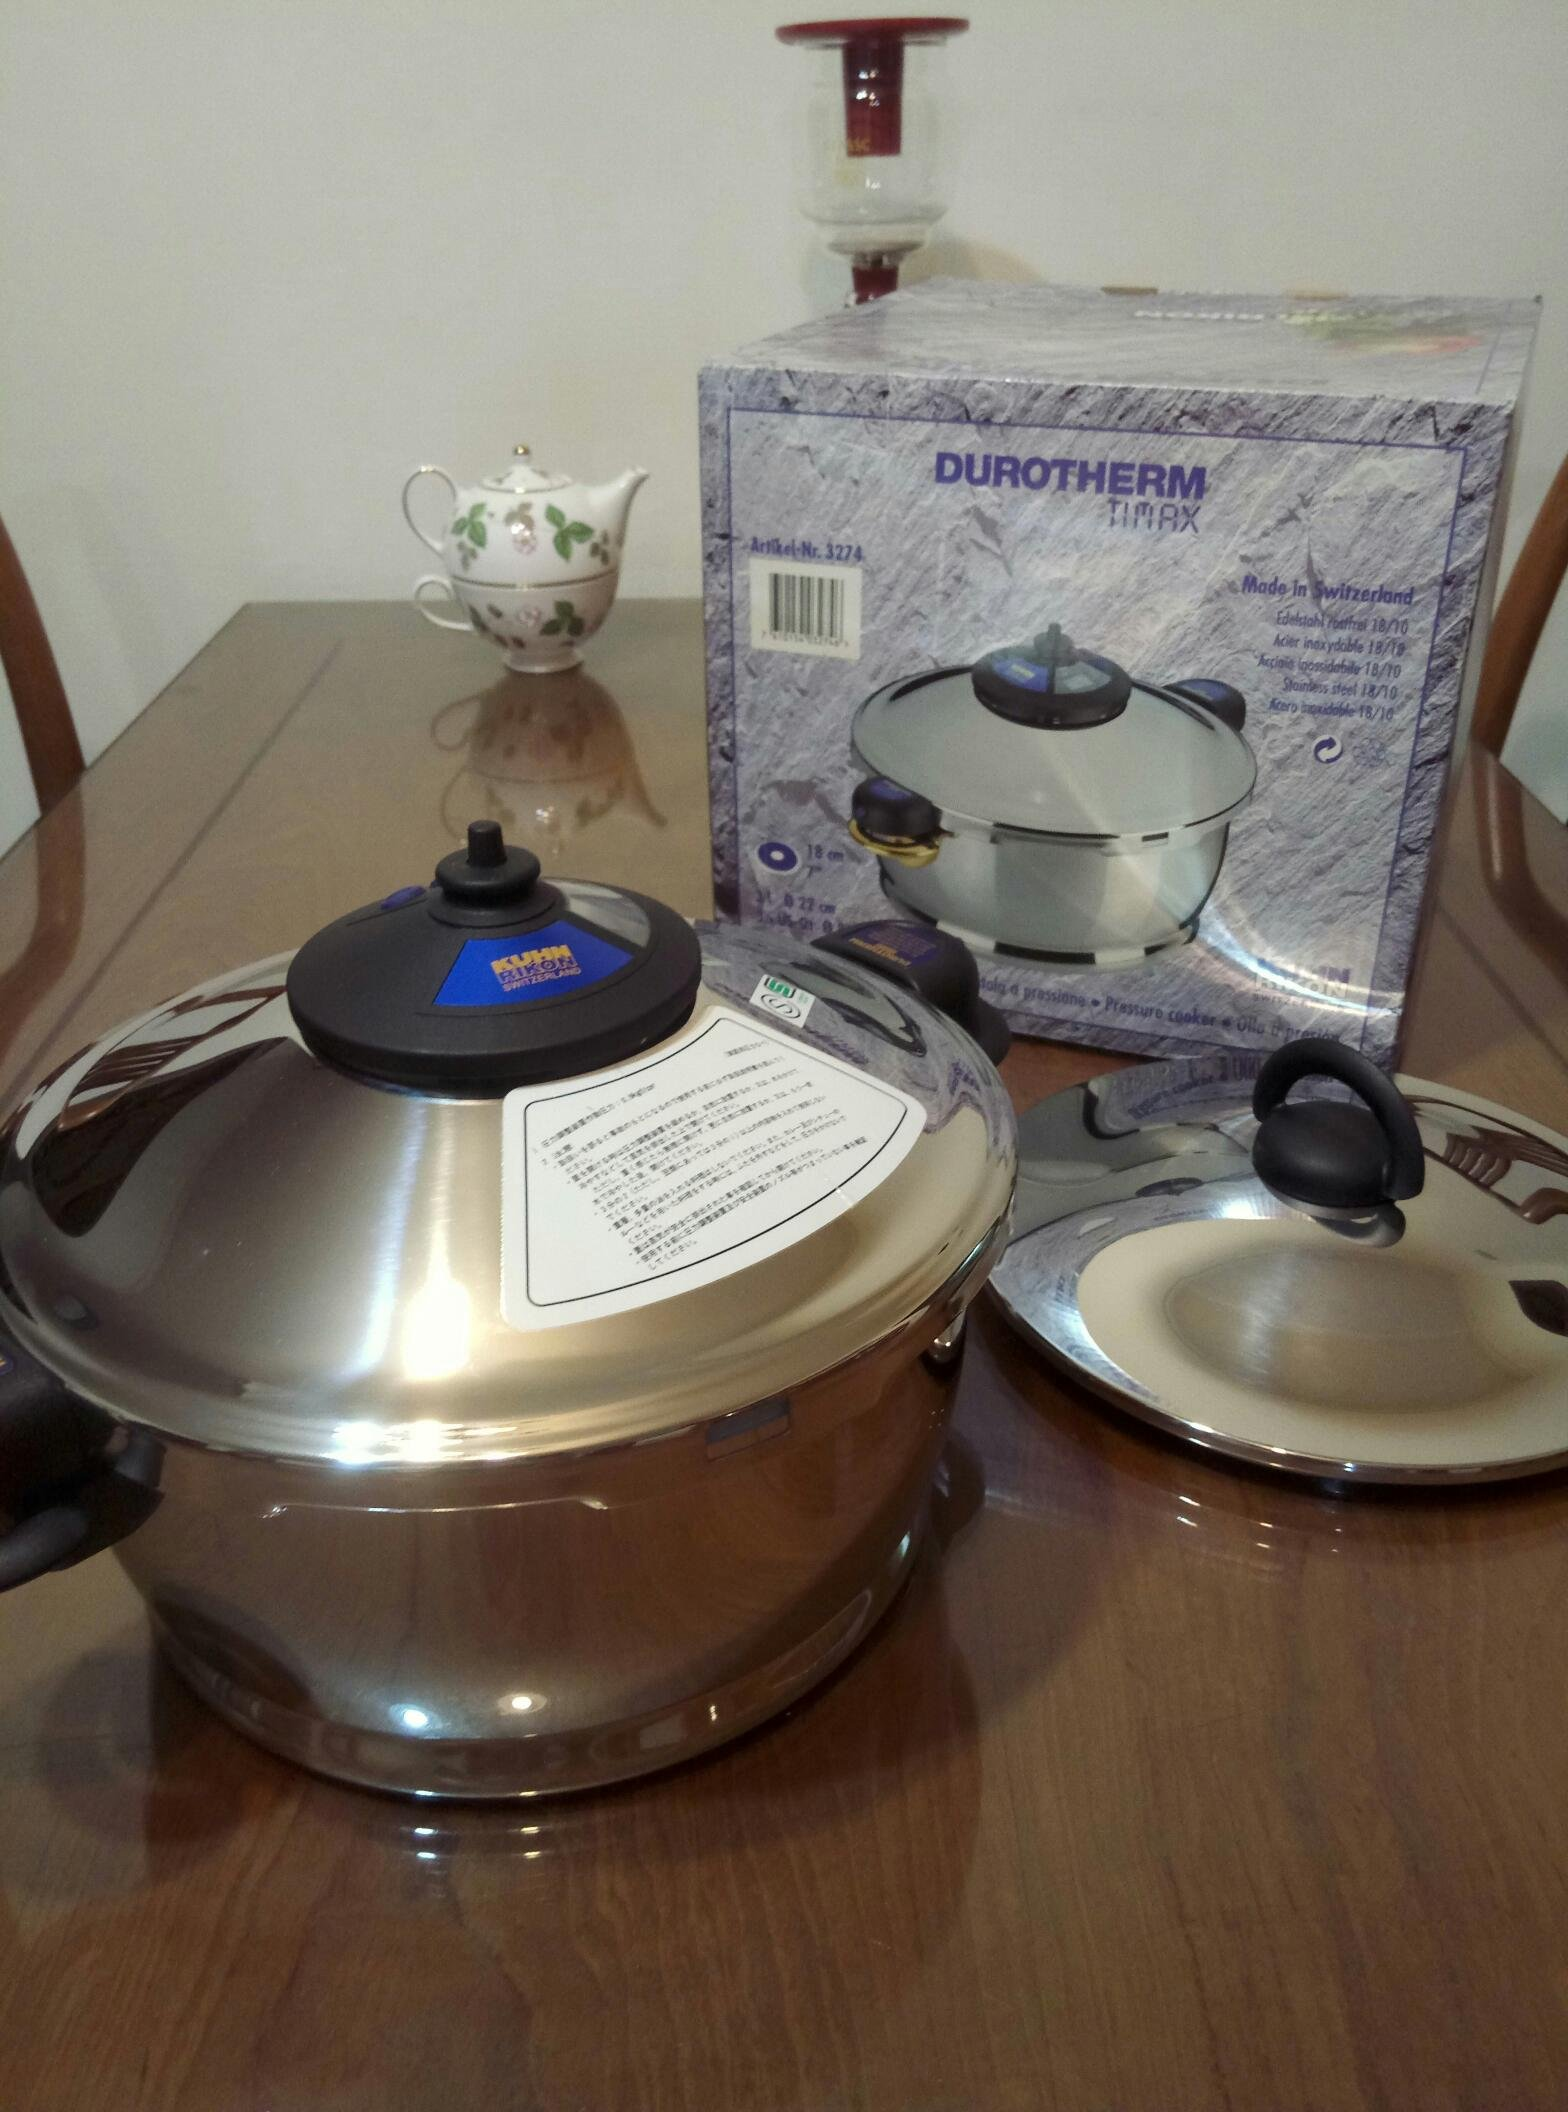 瑞士Kuhn Rikon durotherm pressure cooker 雙壁鍋/壓力鍋 3L雙享鍋